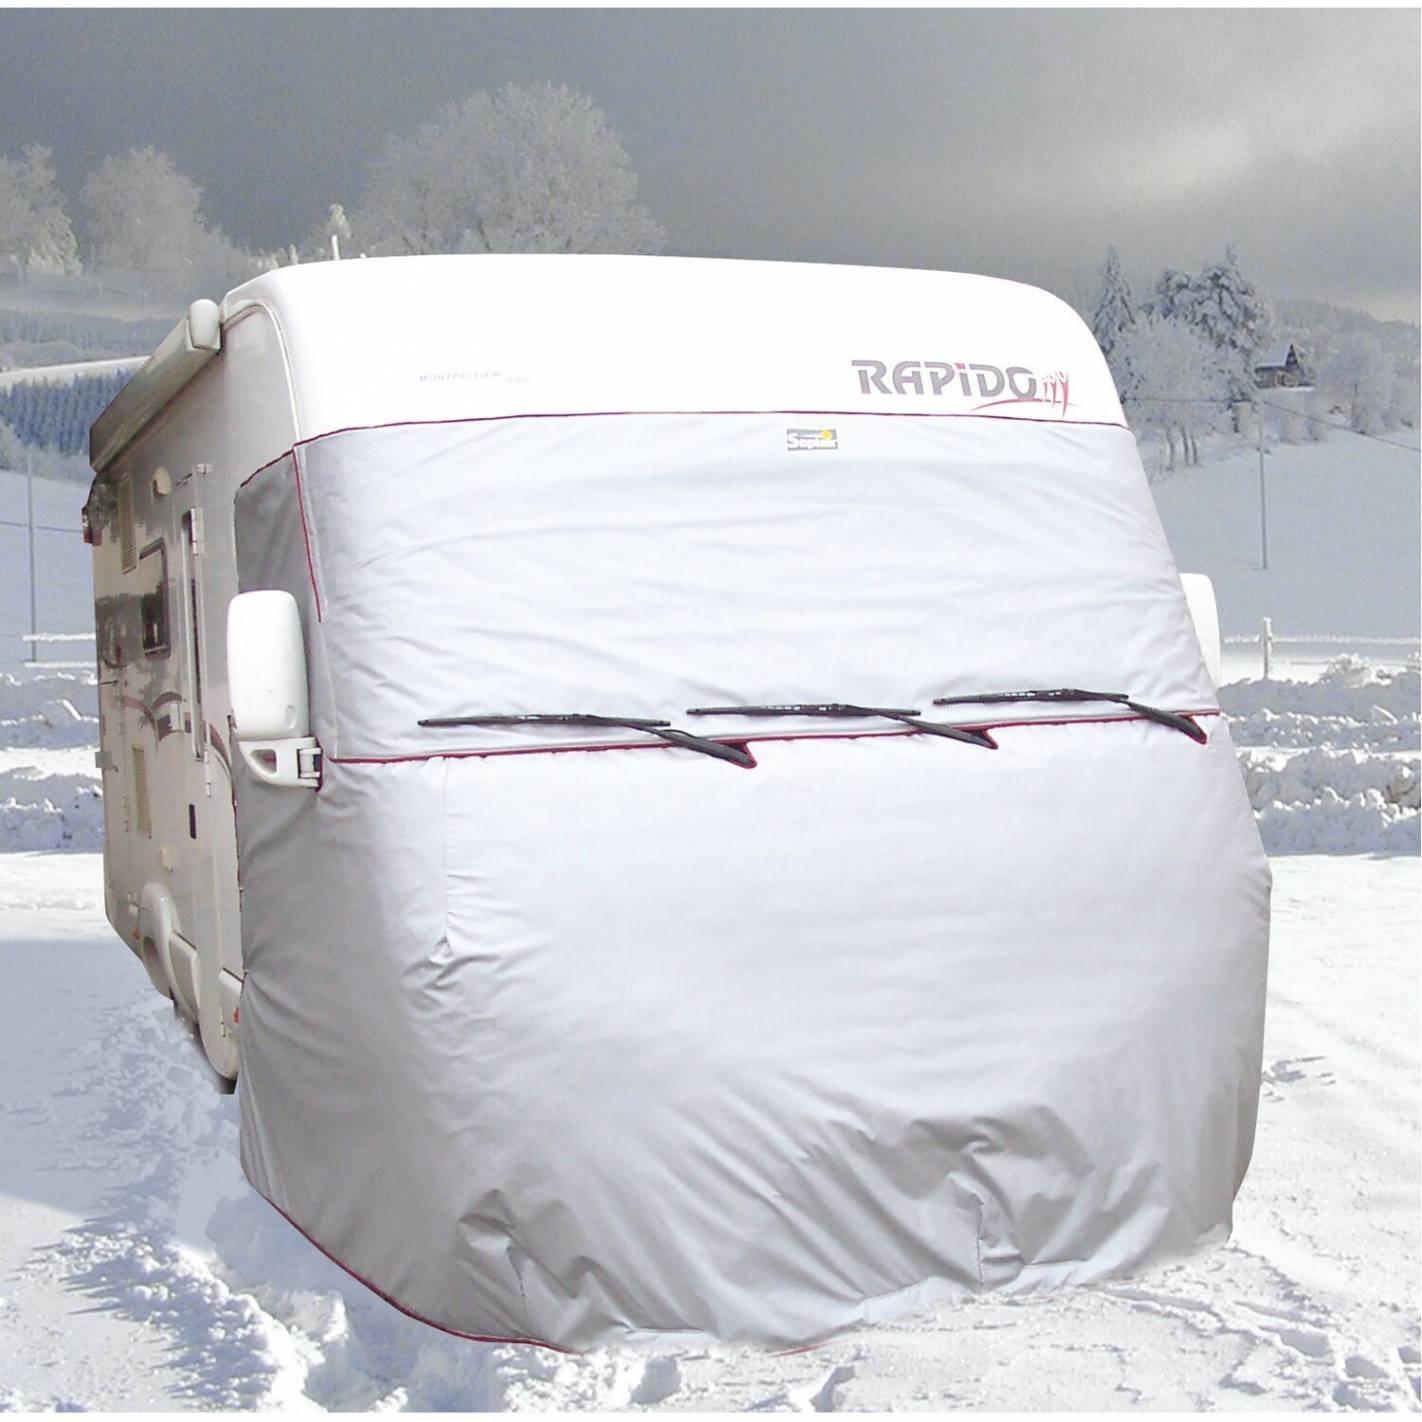 volet exterieur soplair pour camping cars integral chausson et challenger. Black Bedroom Furniture Sets. Home Design Ideas